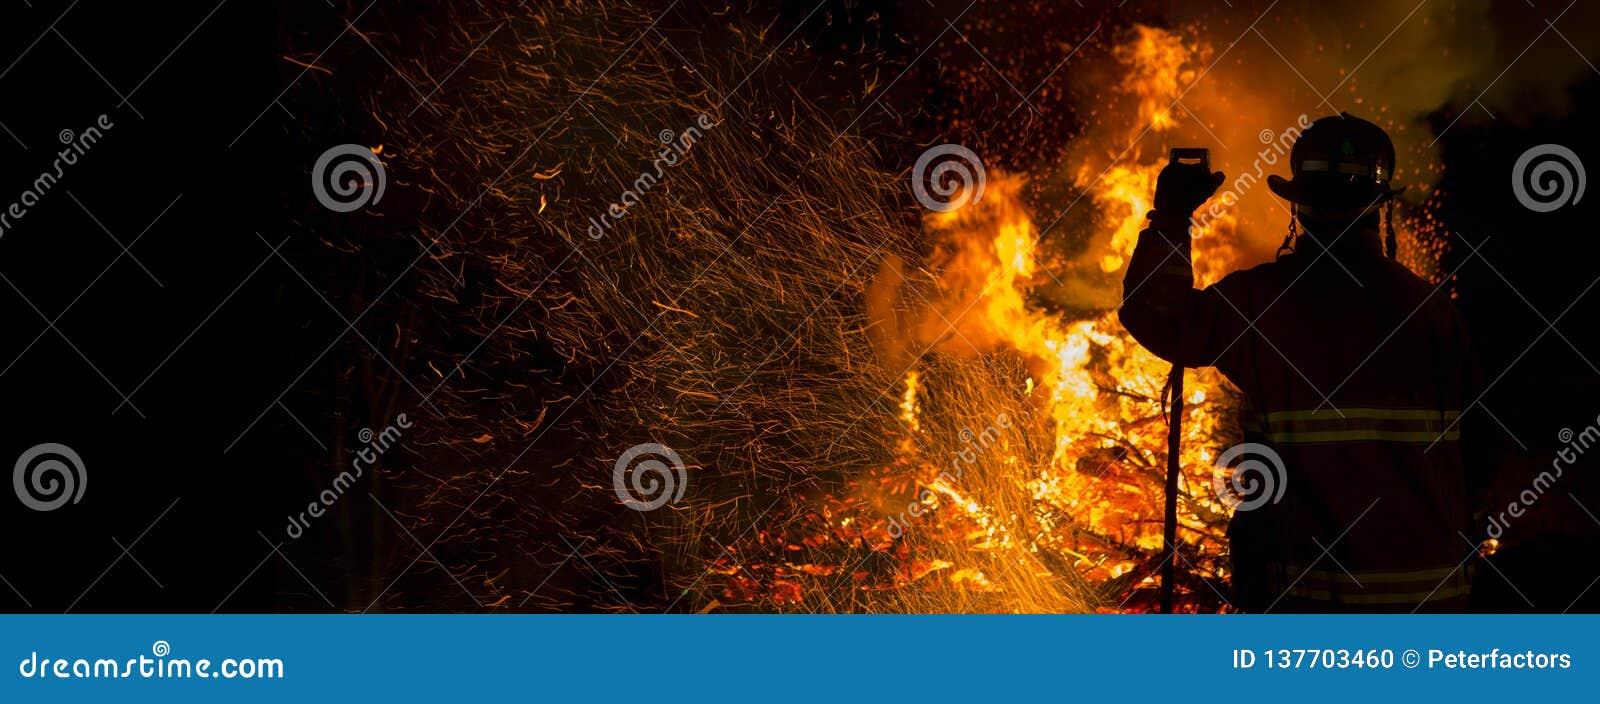 Σκιαγραφία πυροσβεστών